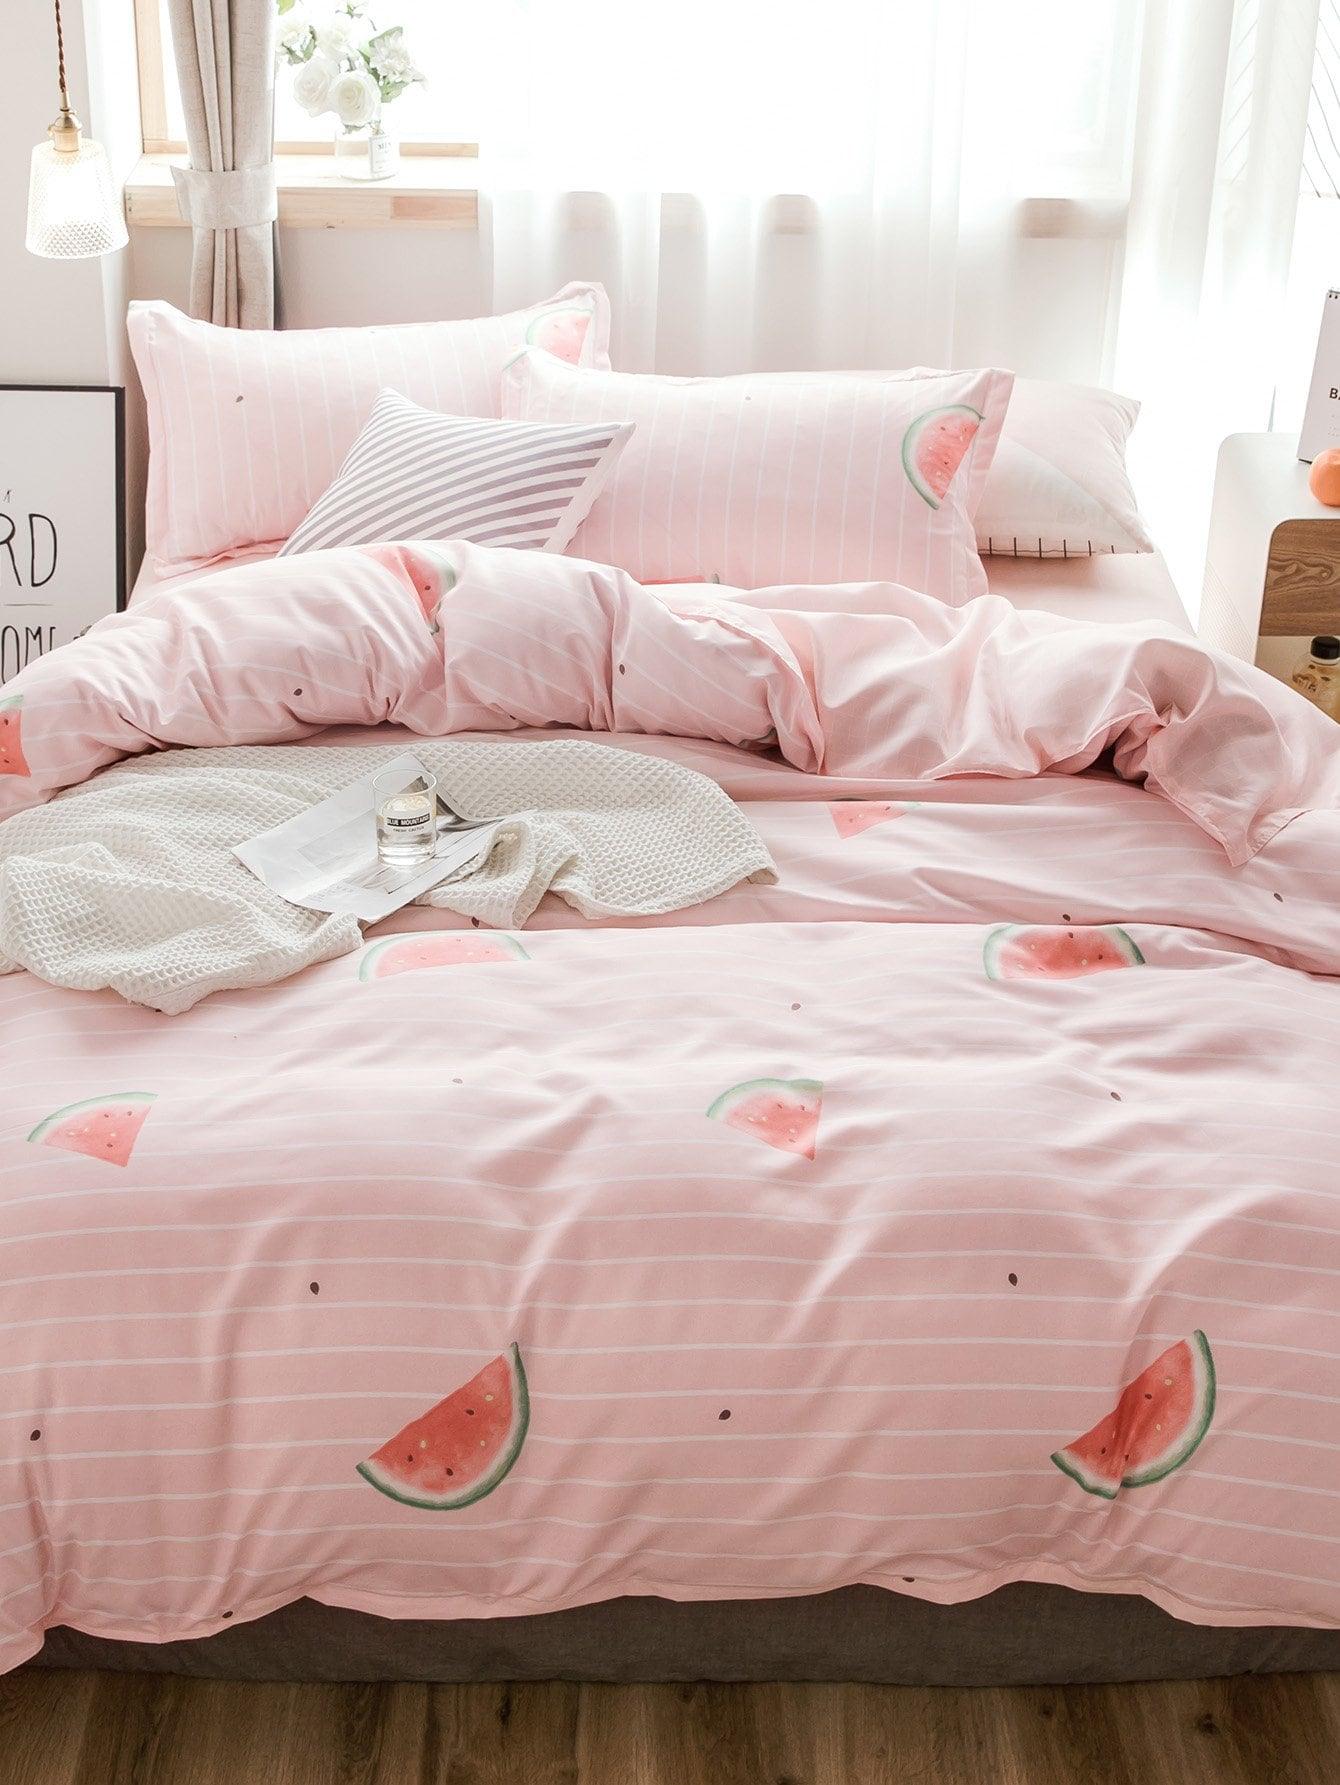 Комплект полосатого постельного белья с рисунками арбузоя, null, SheIn  - купить со скидкой